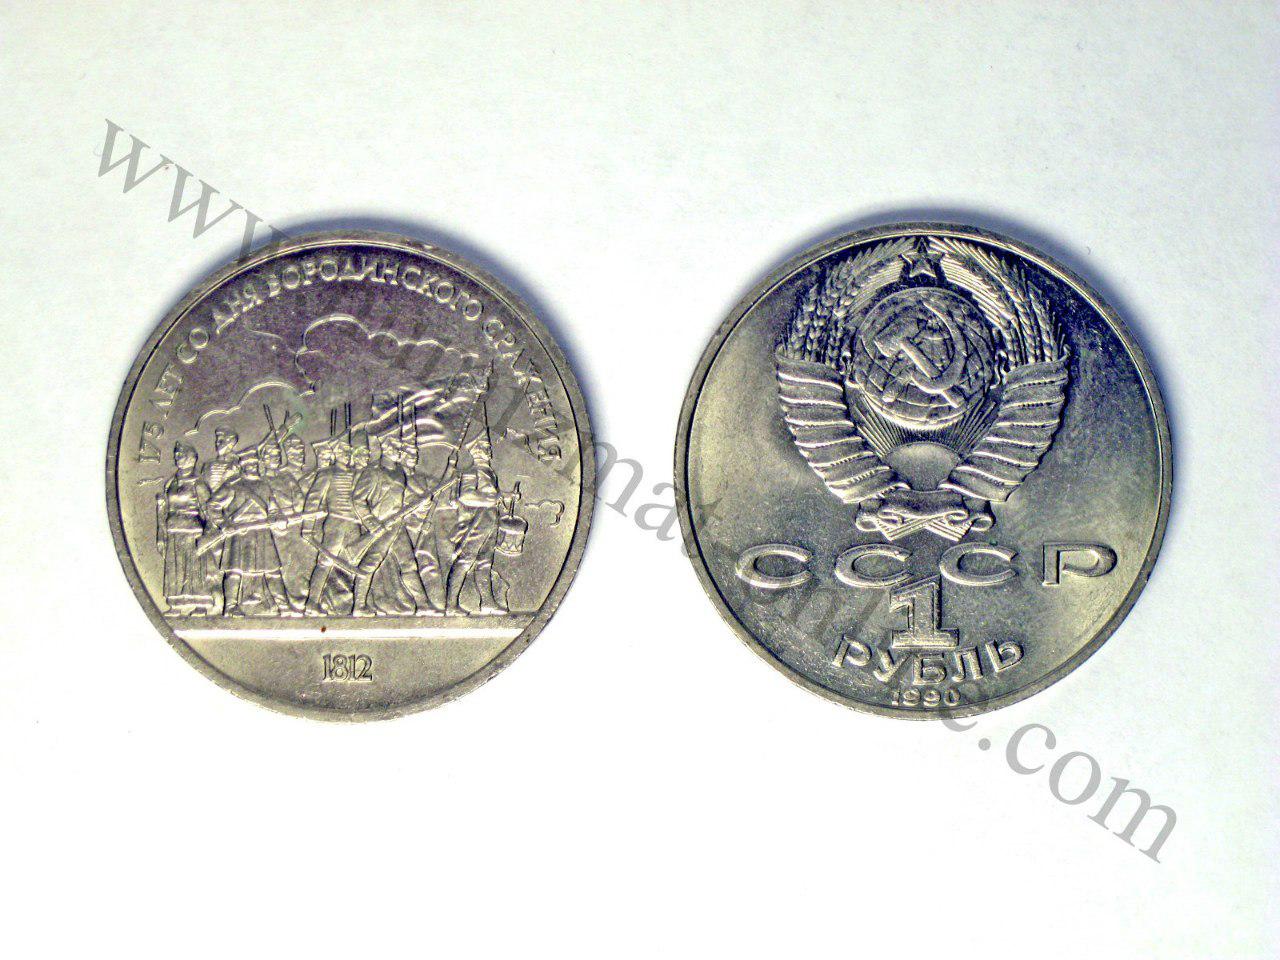 1987 (1 рубль) Бородинское сражение. Панорама